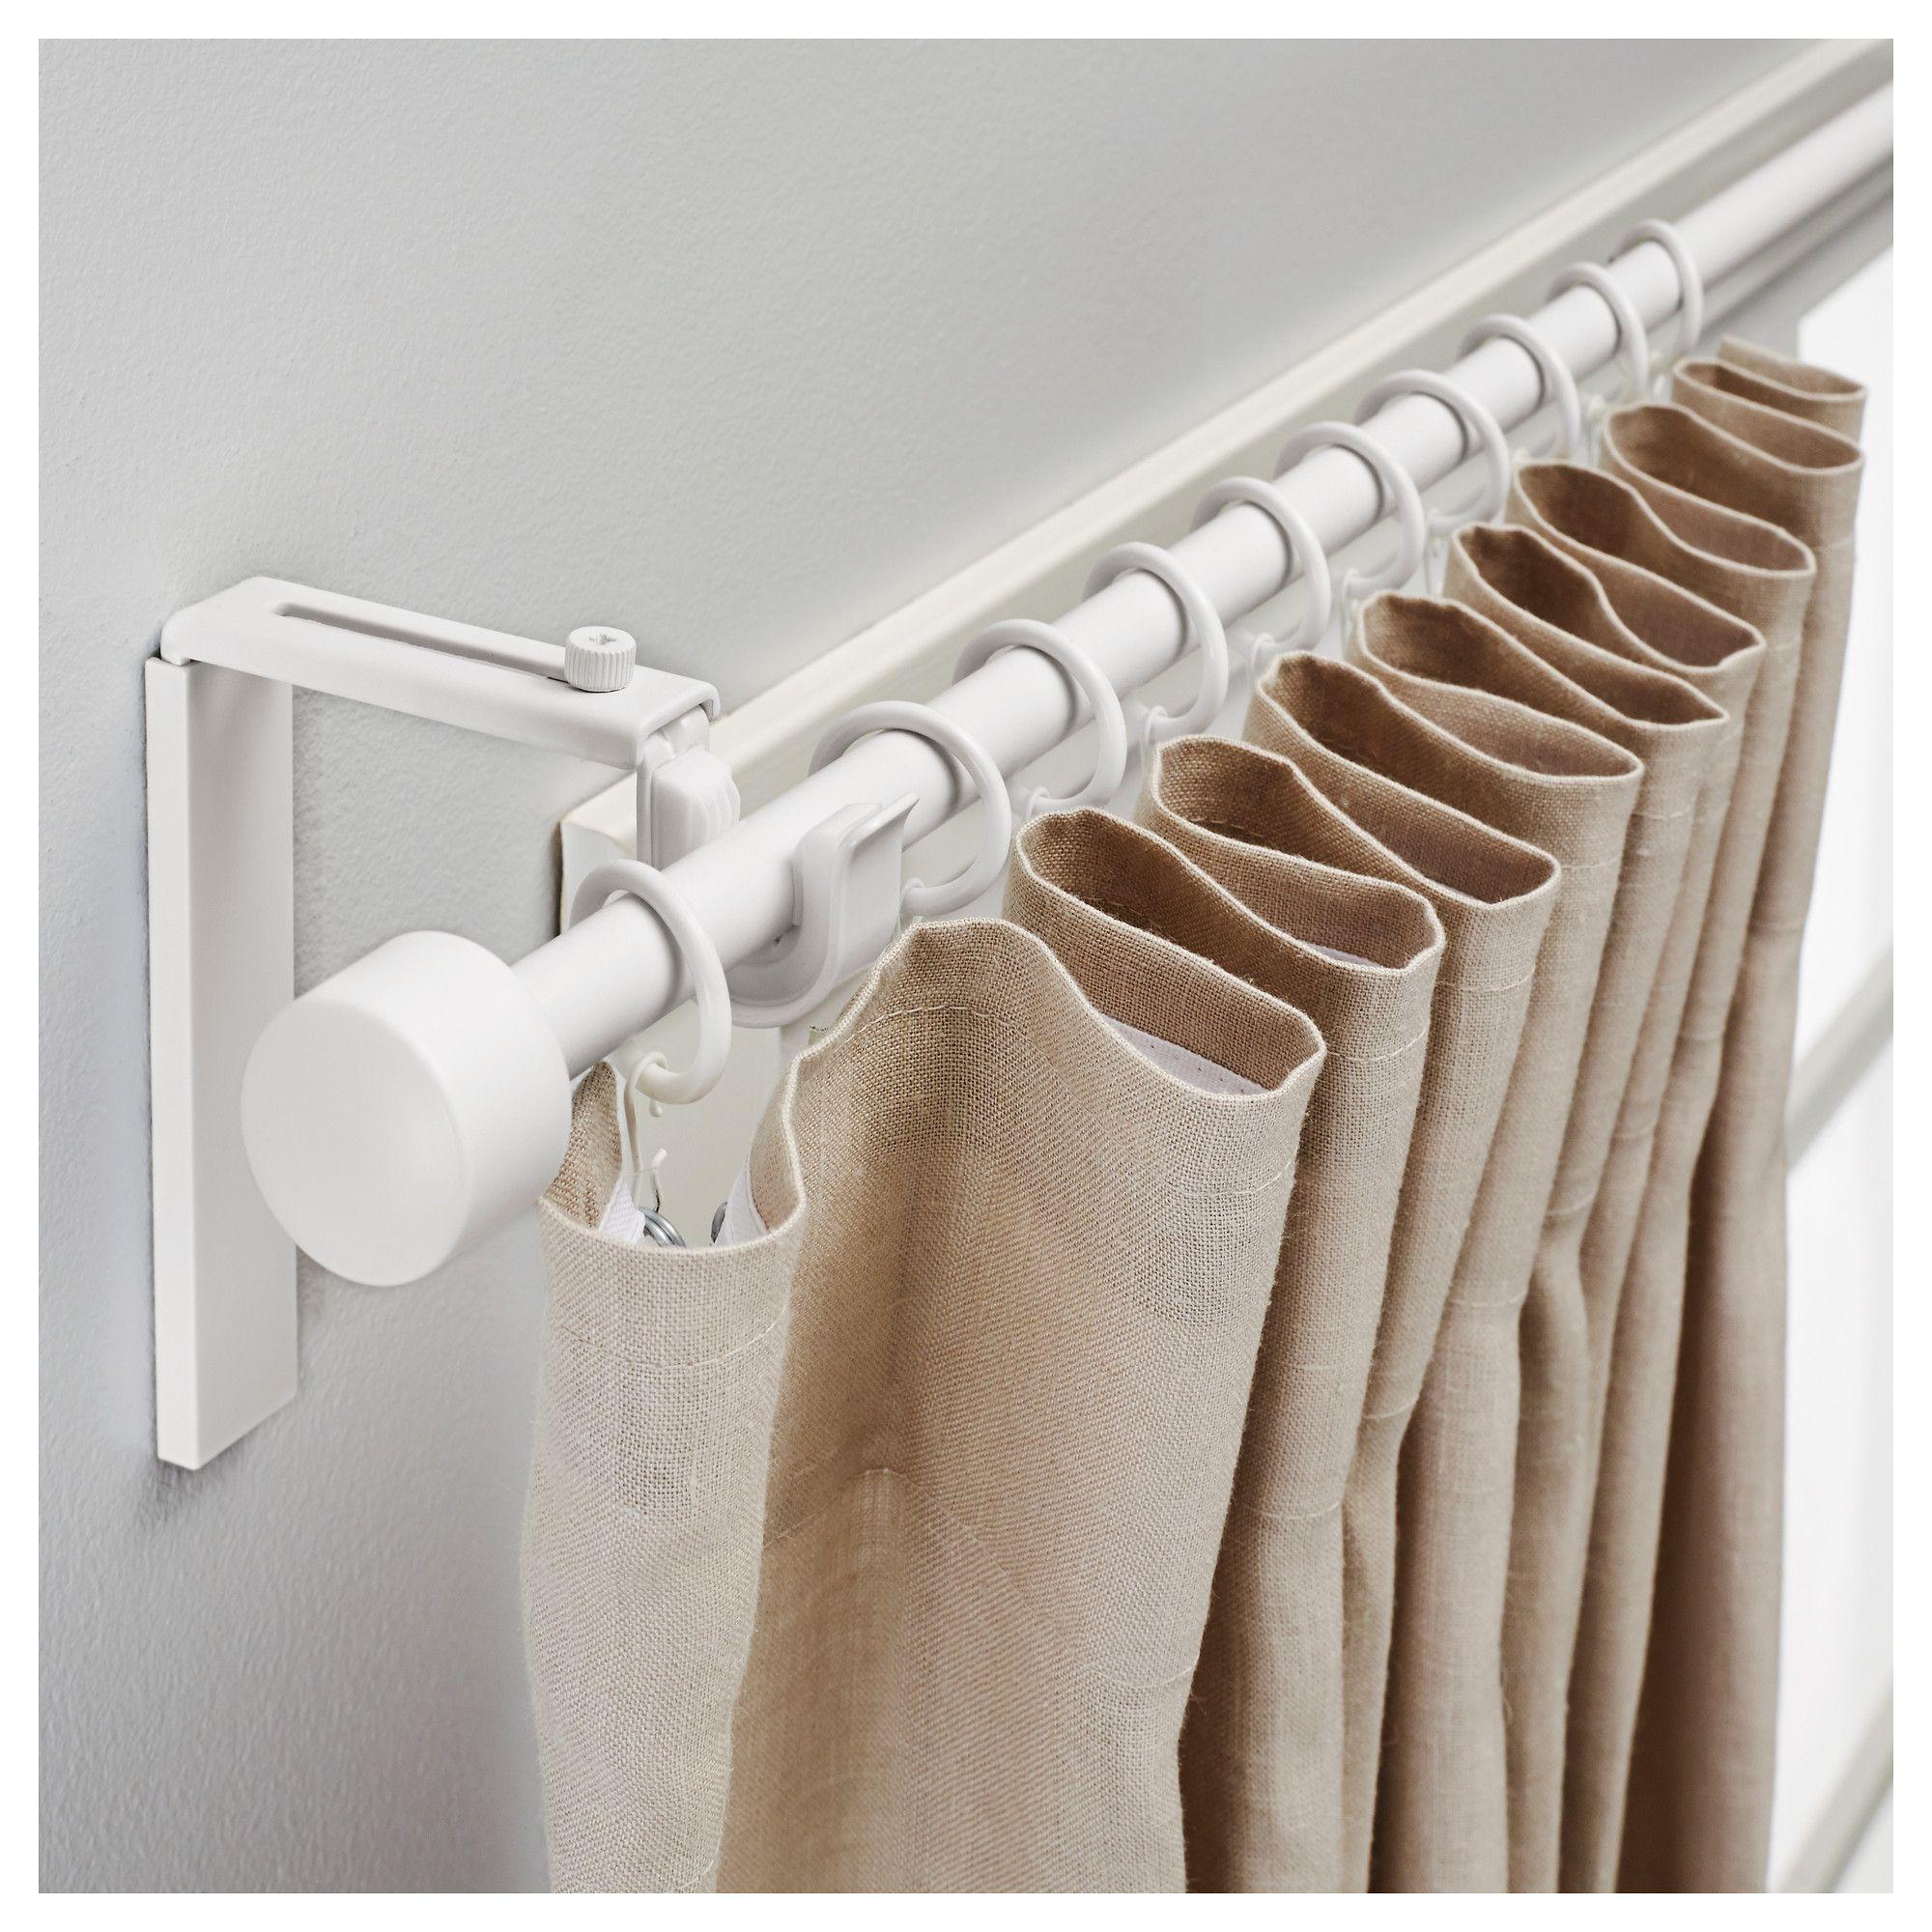 RÄcka curtain rod combination white curtain tracks ideas curtain